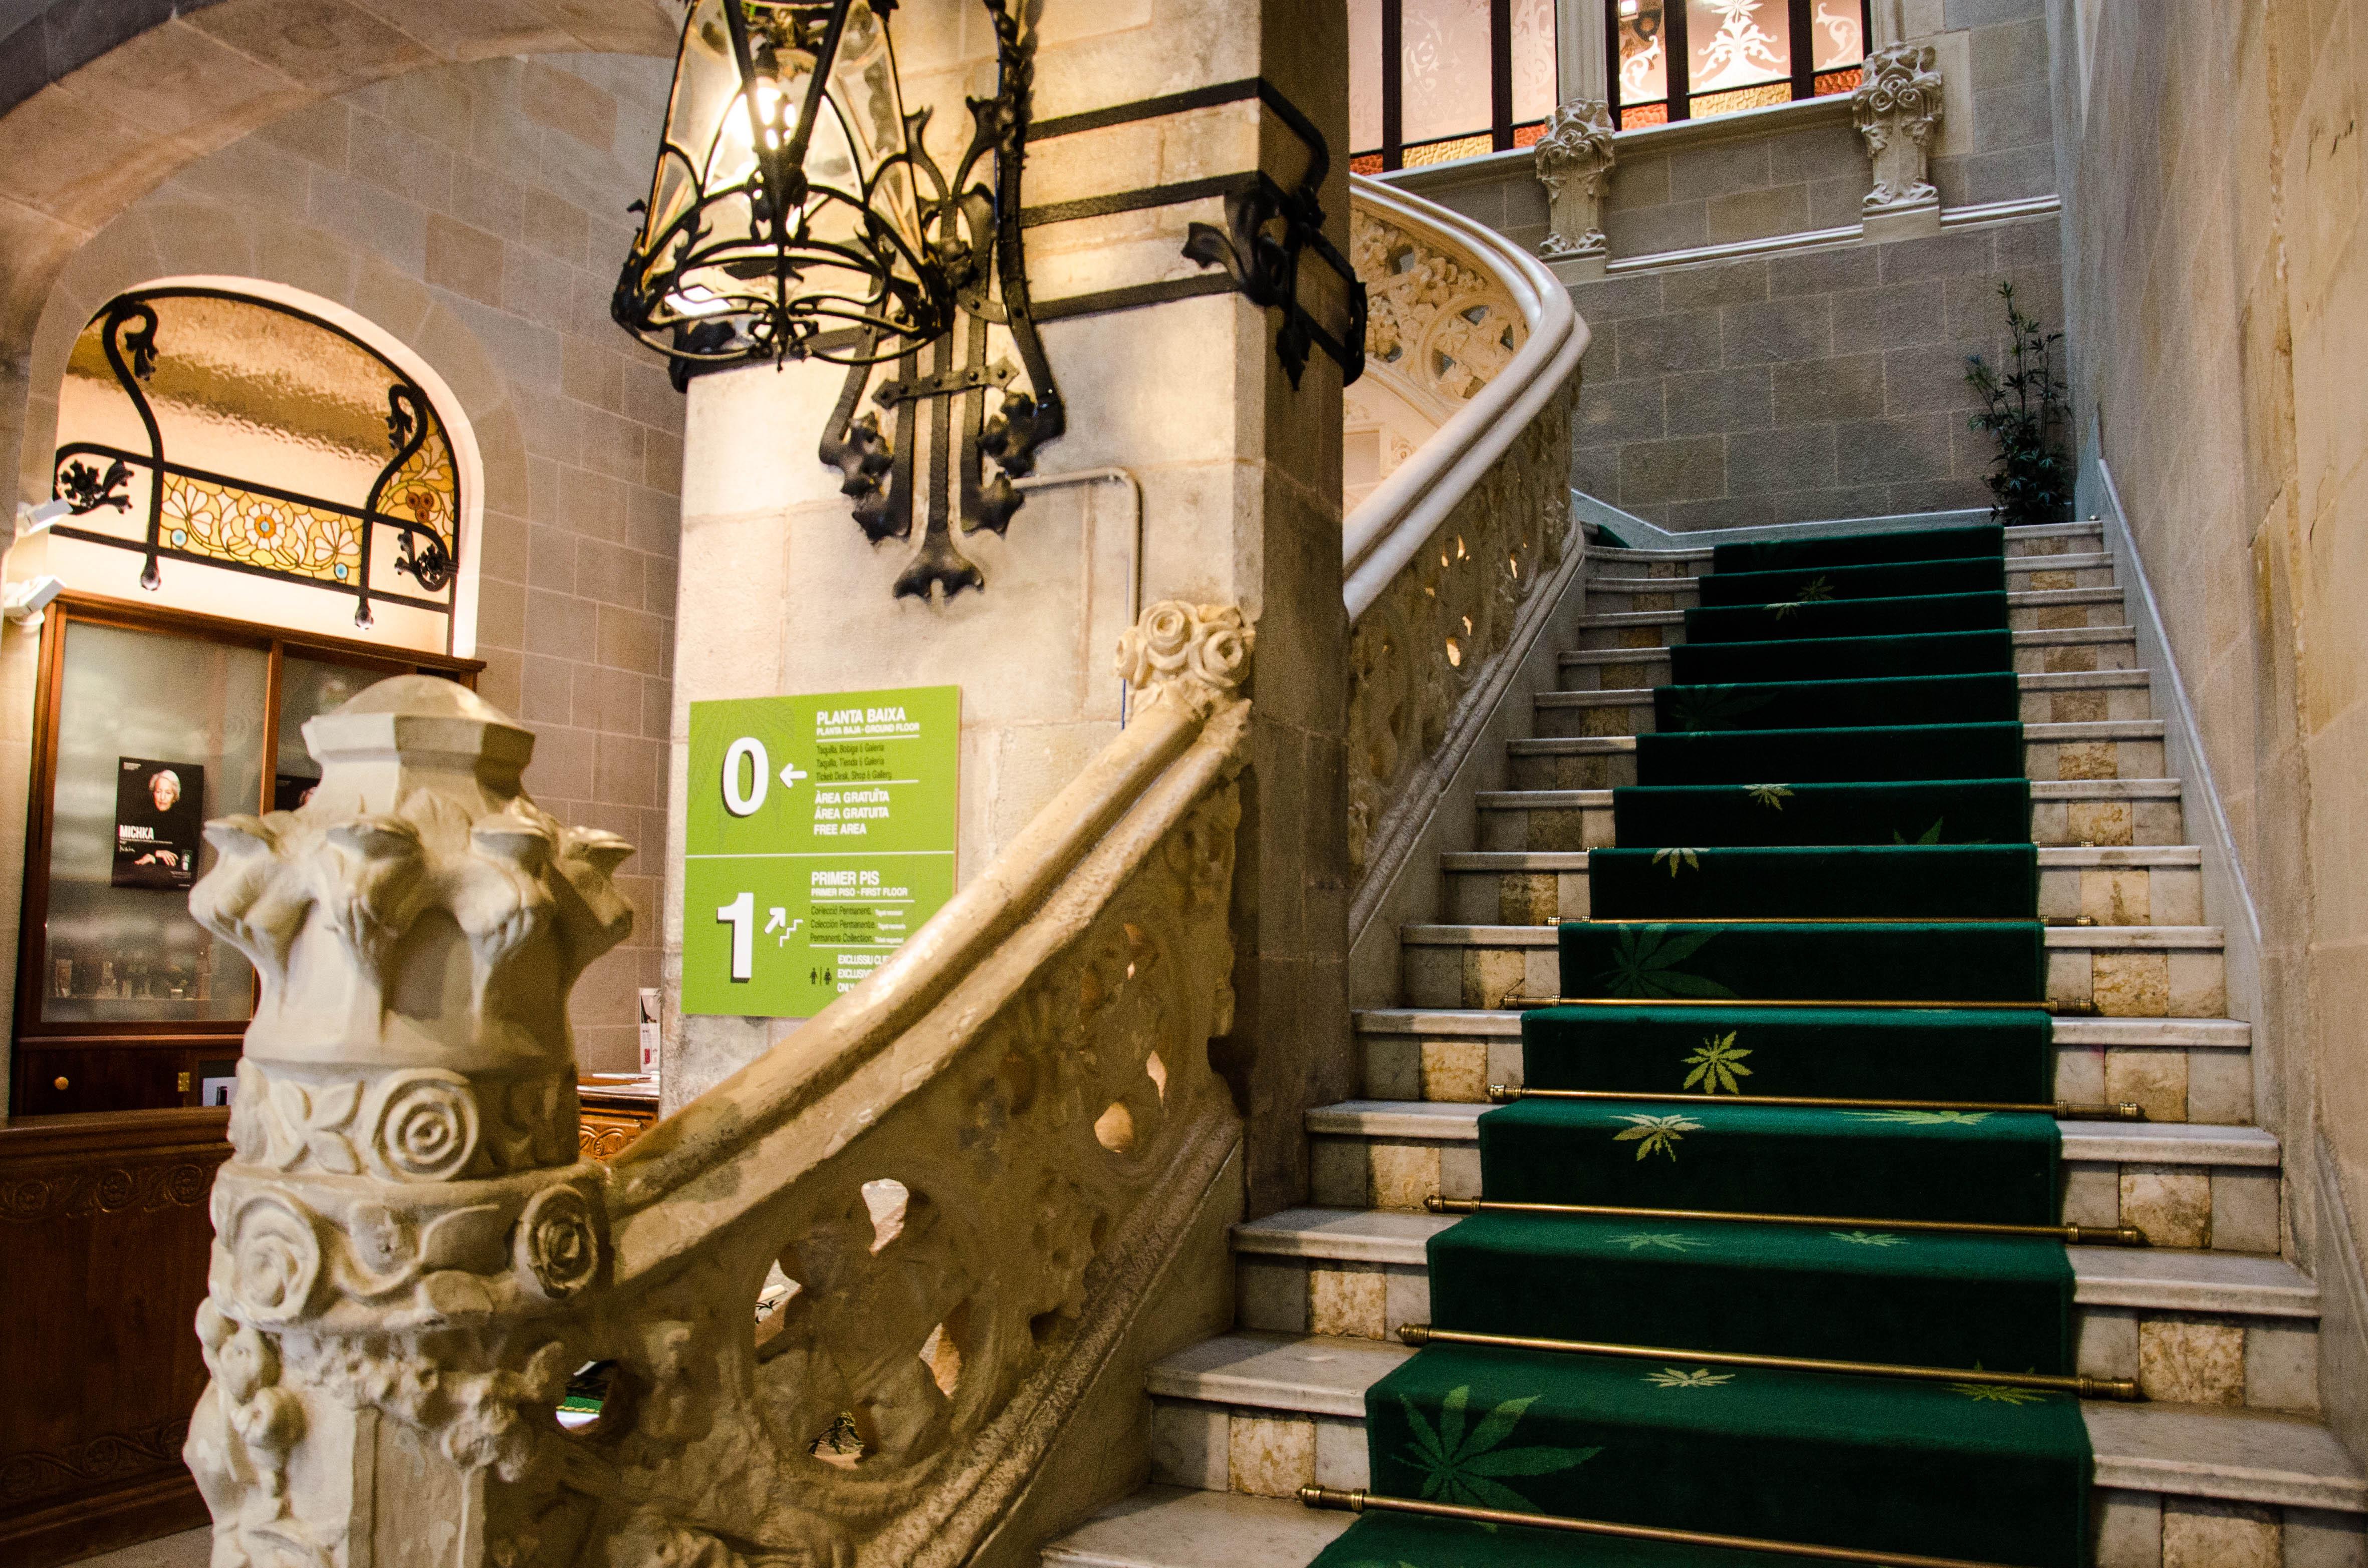 Un escalier de marbre, aux rambardes sculptées, mène à l'exposition.